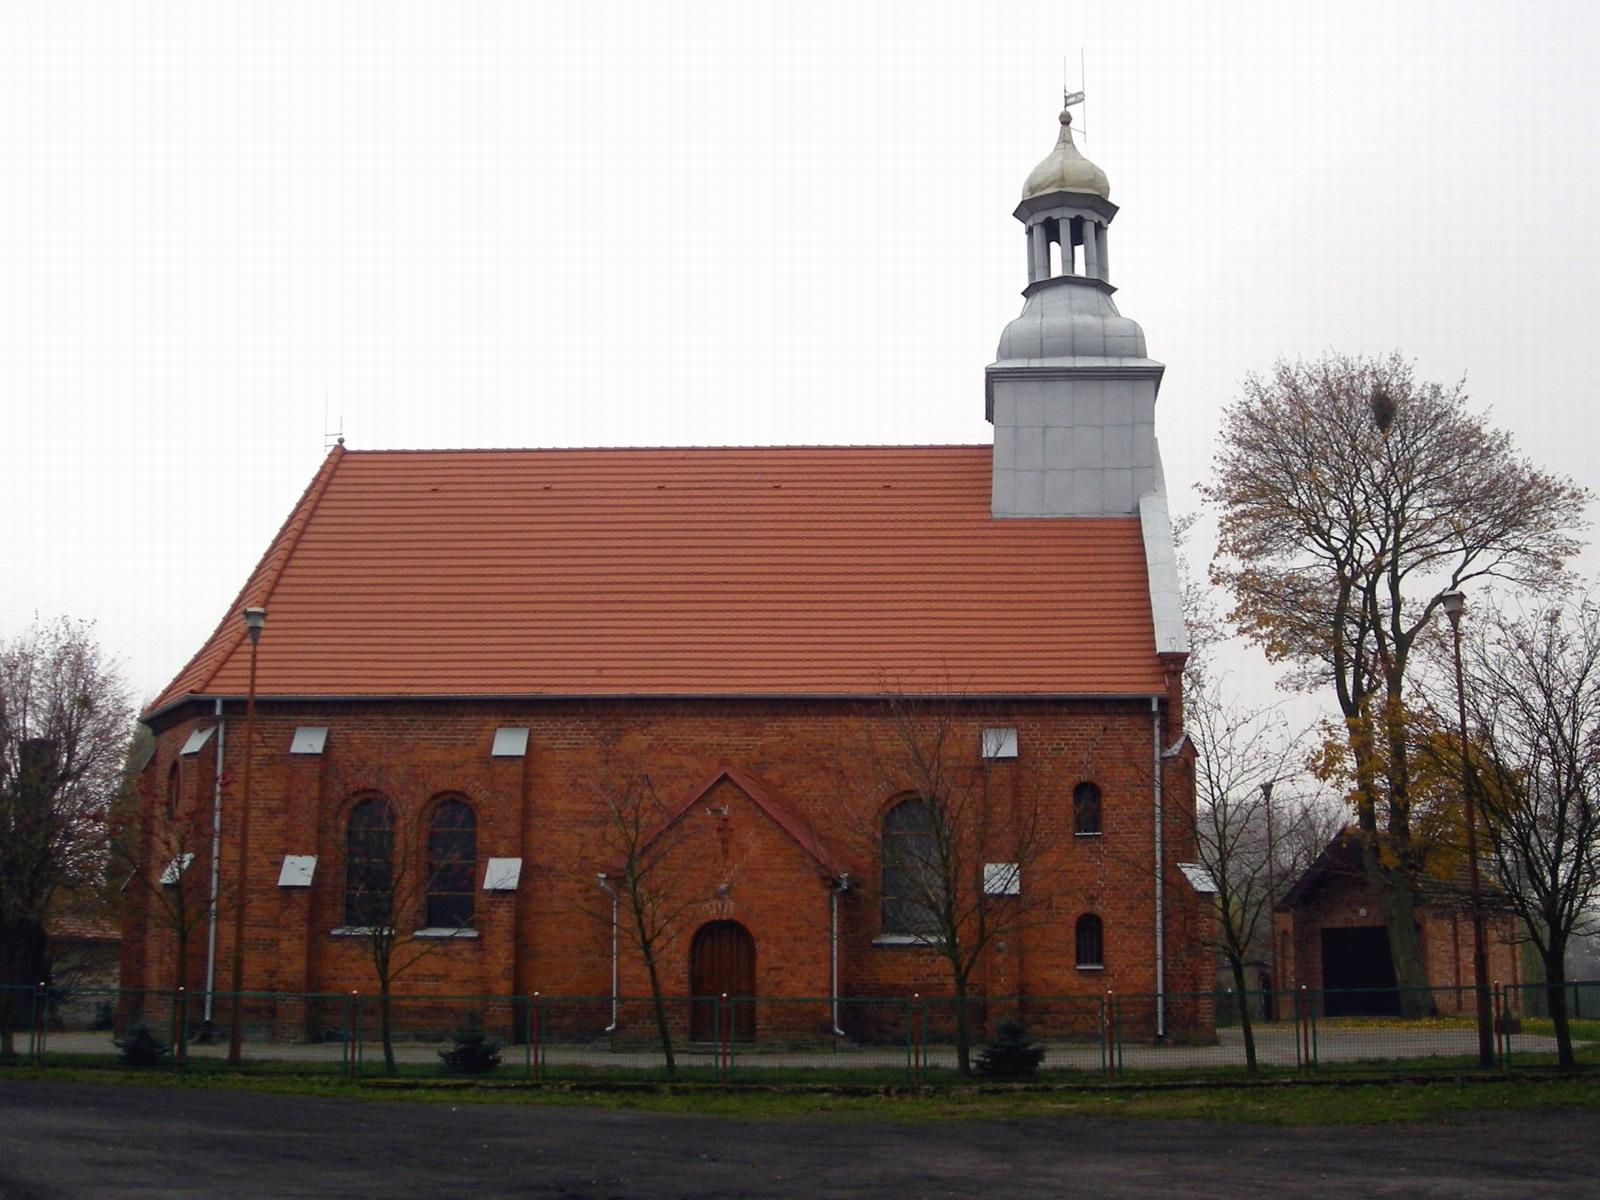 Filedzwierszno Wielkie Churchjpg Wikimedia Commons